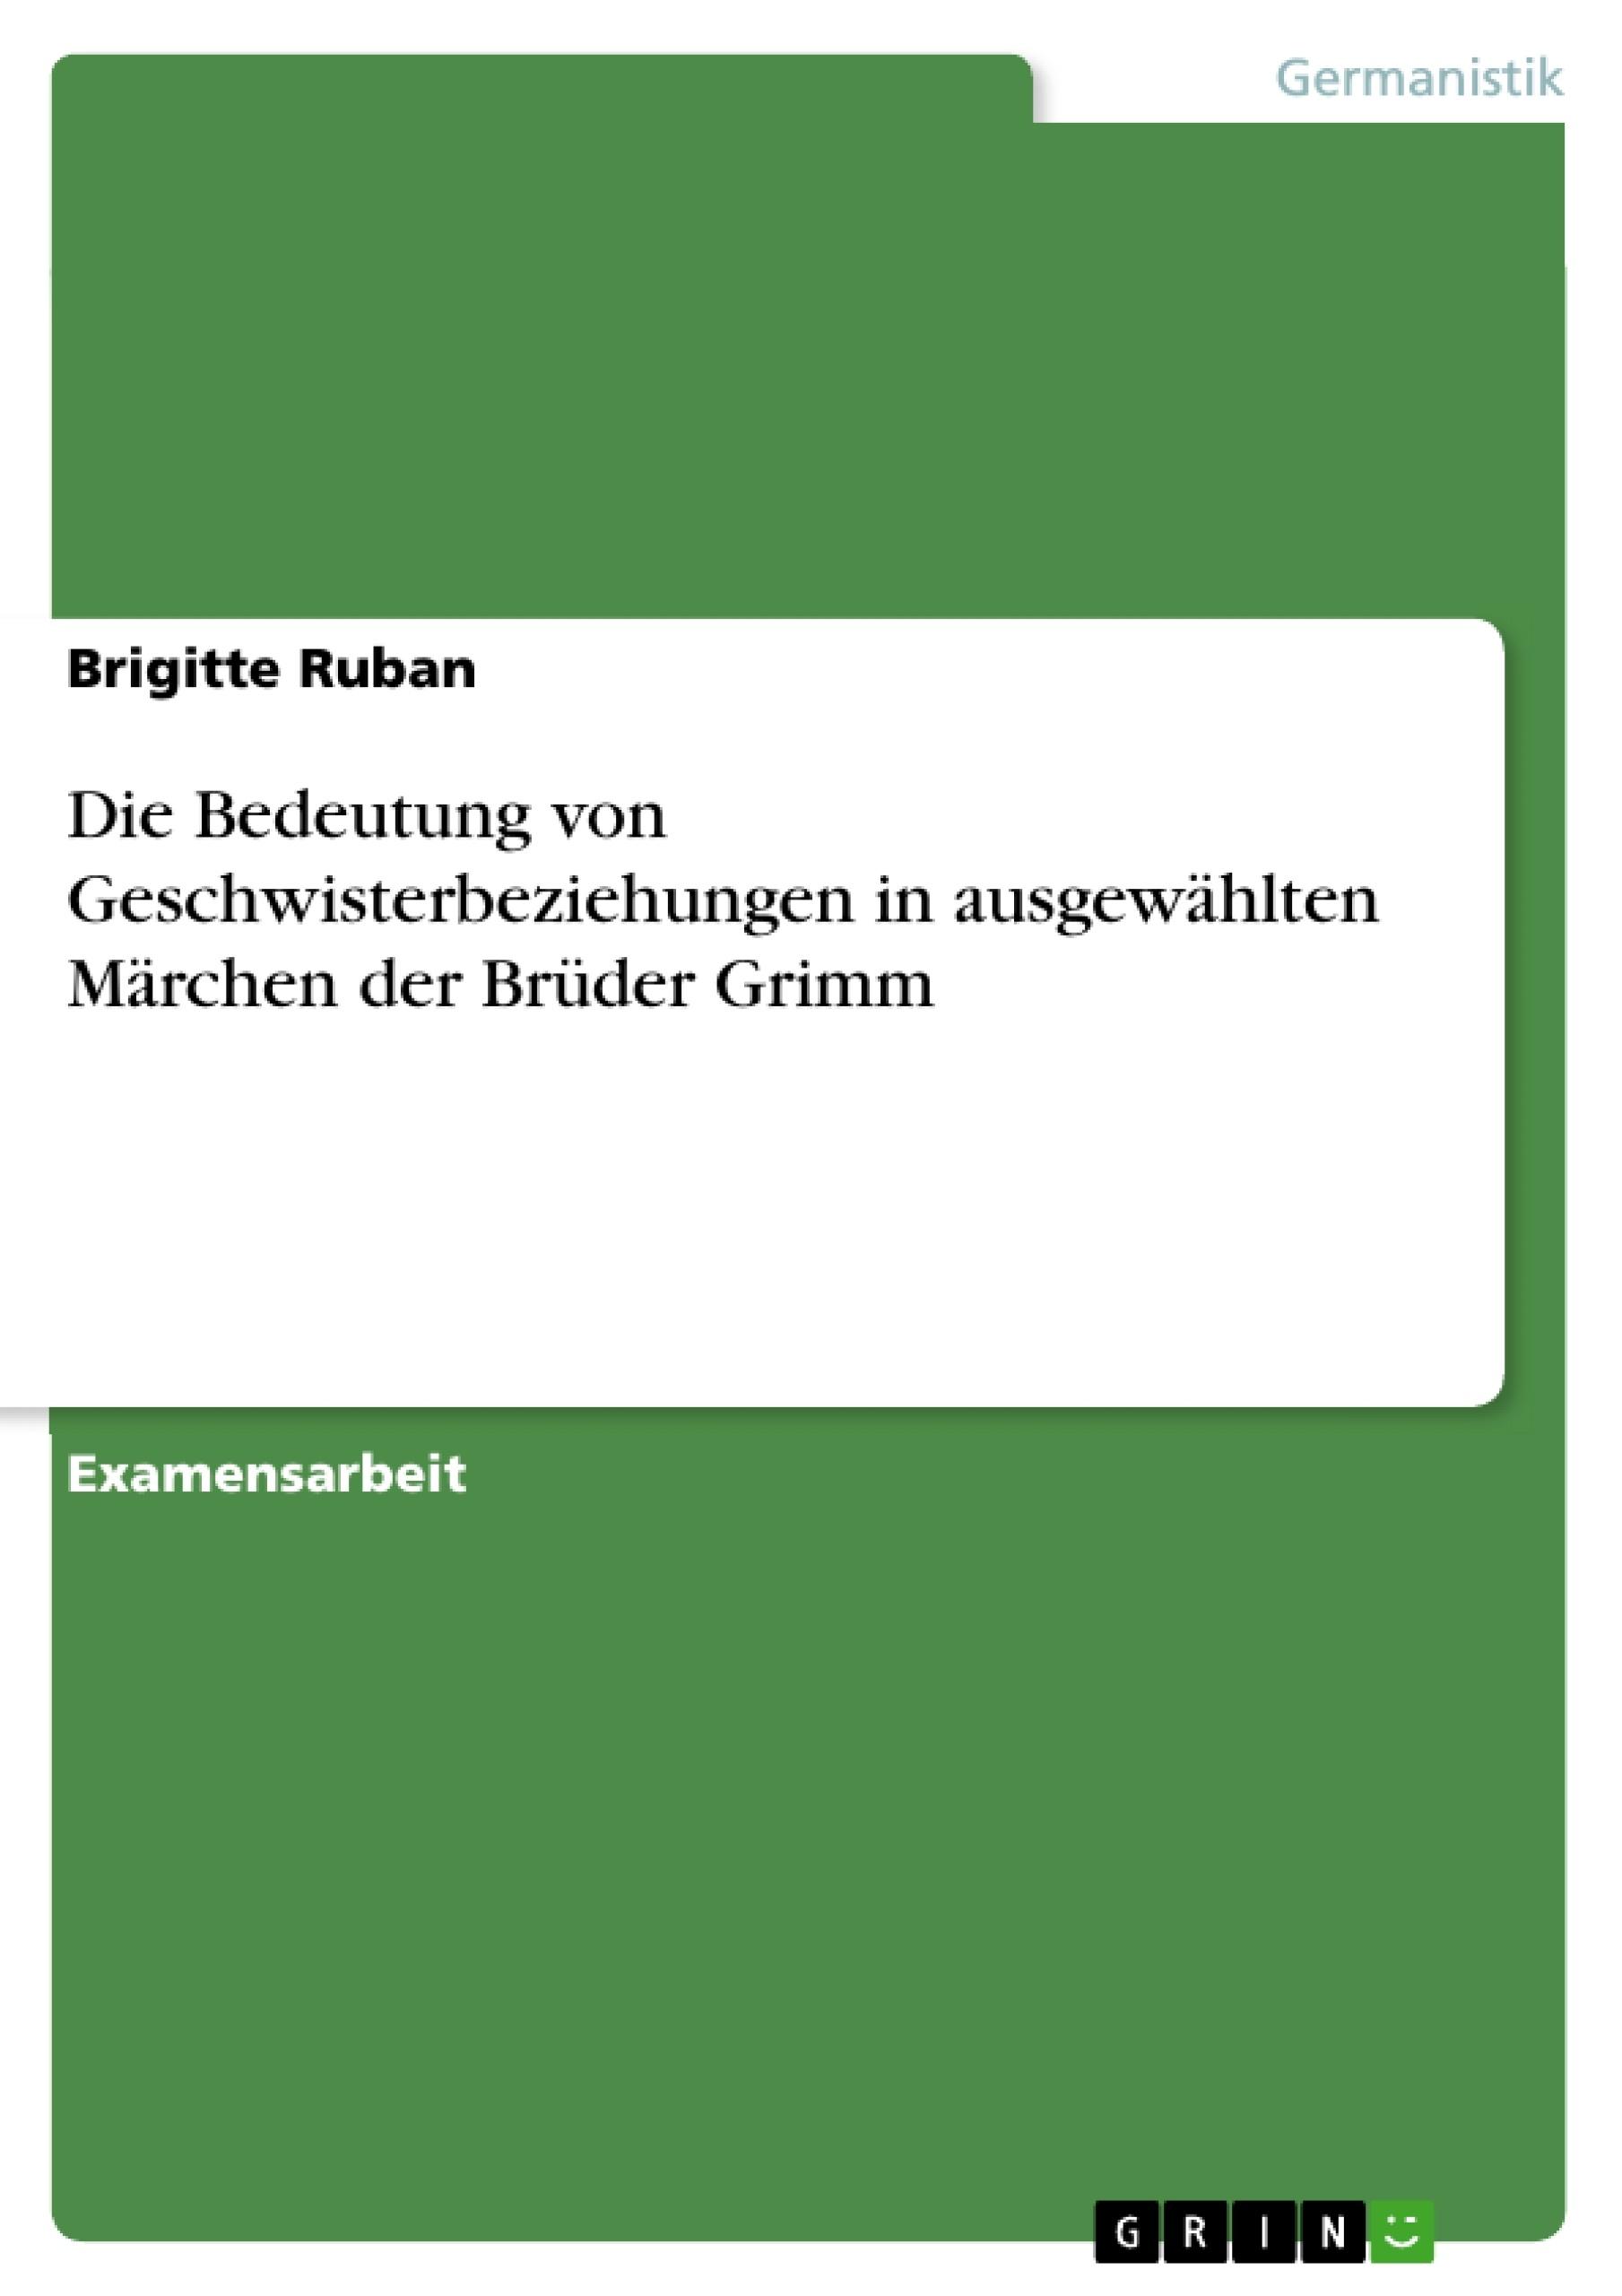 Titel: Die Bedeutung von Geschwisterbeziehungen in ausgewählten Märchen der Brüder Grimm